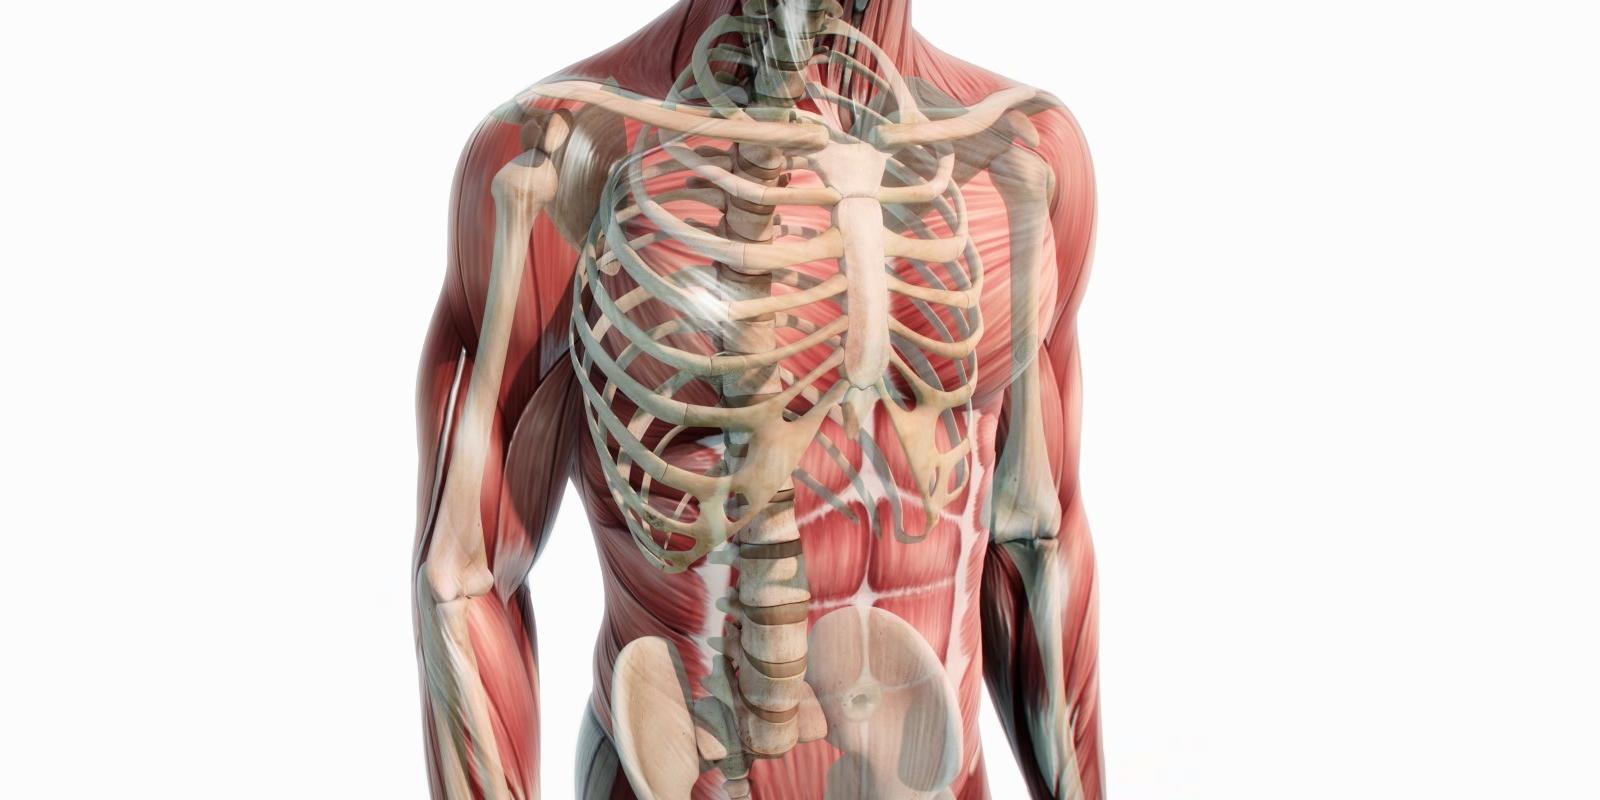 Muskeln und Knochen Oberkörper